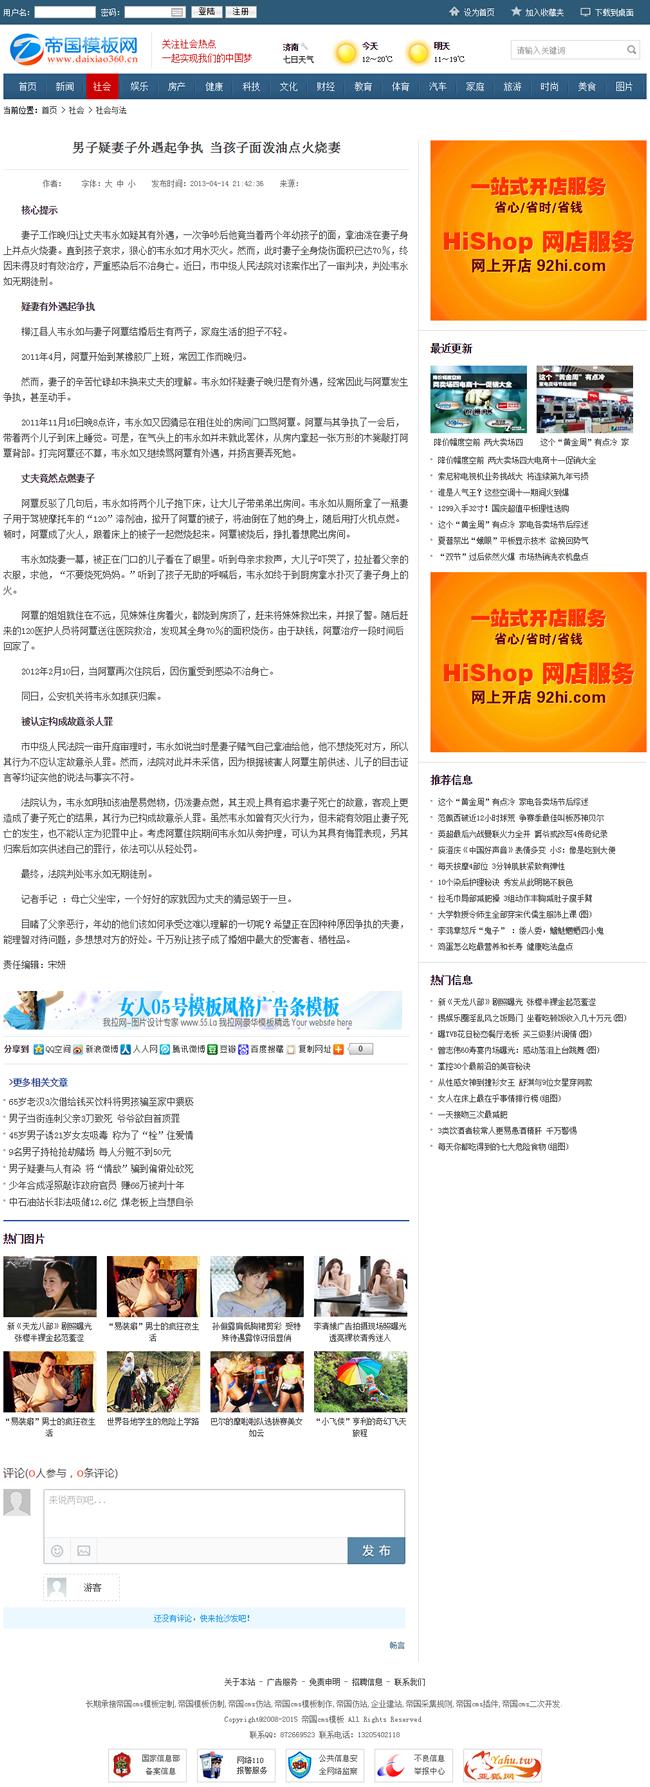 帝国cms大型新闻资讯门户网站模板_新闻内容页